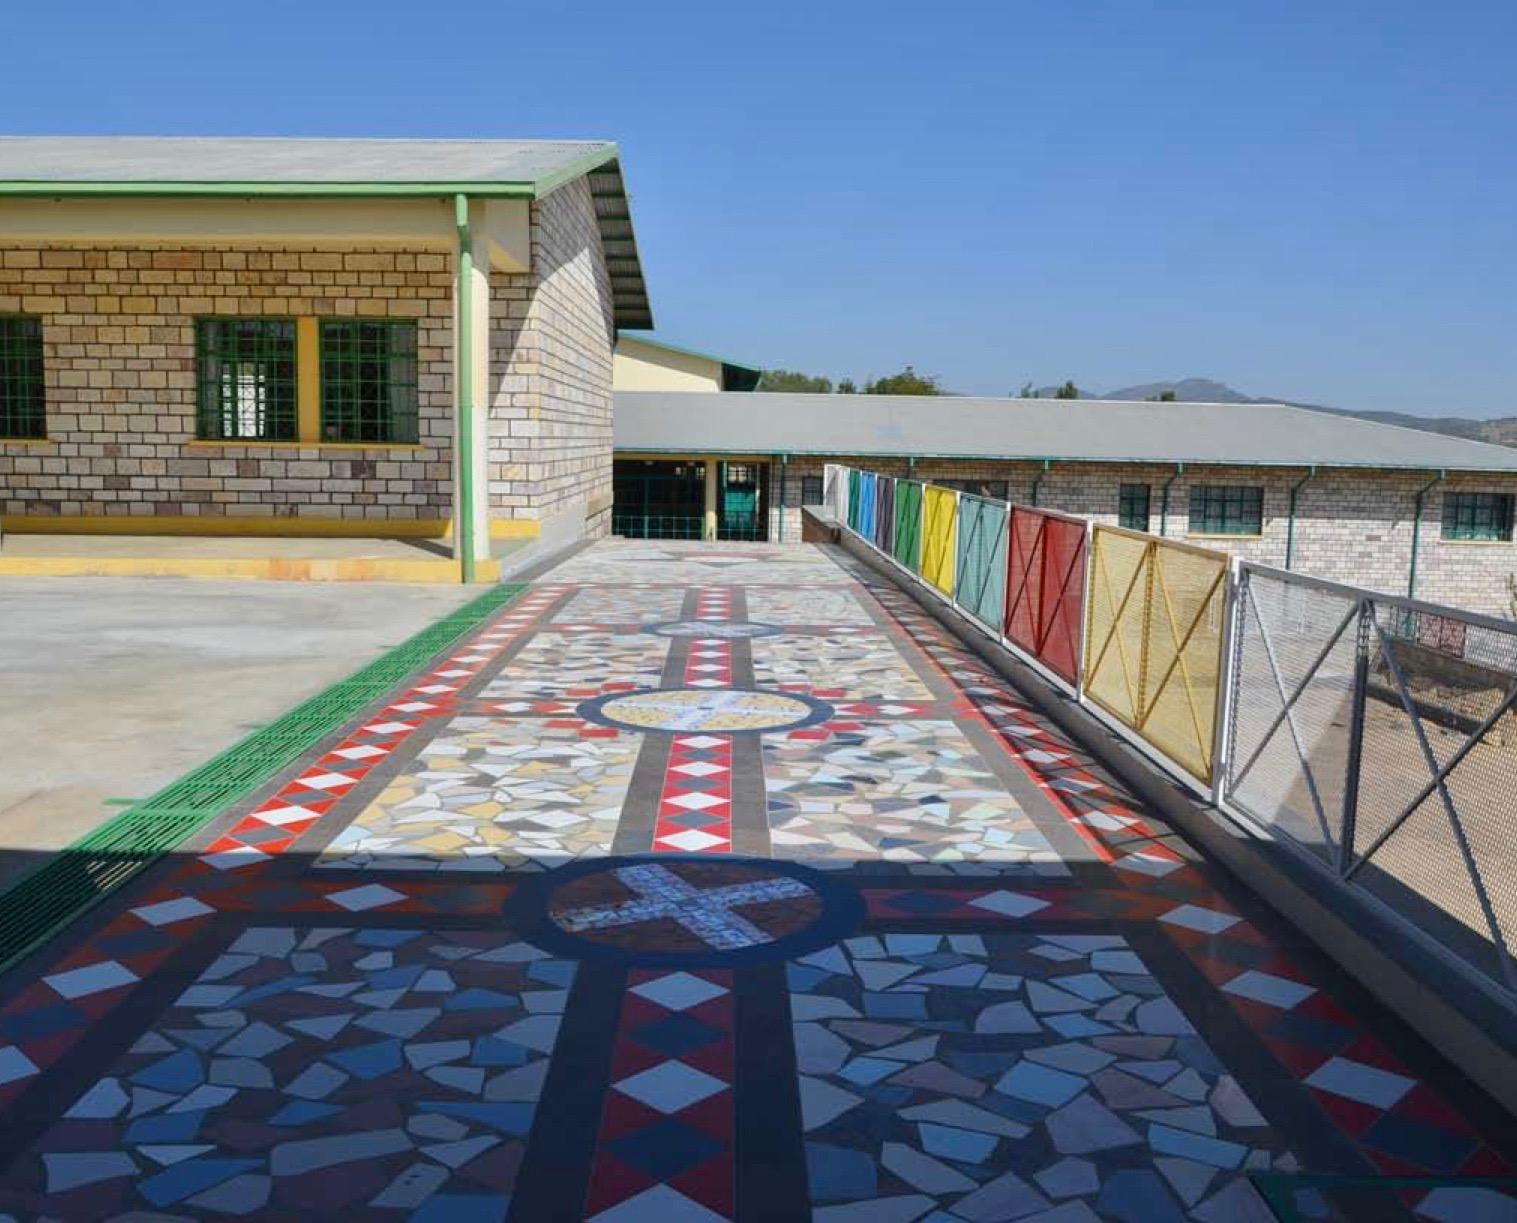 Linfinito mosaico in etiopia e sierra leone banco building